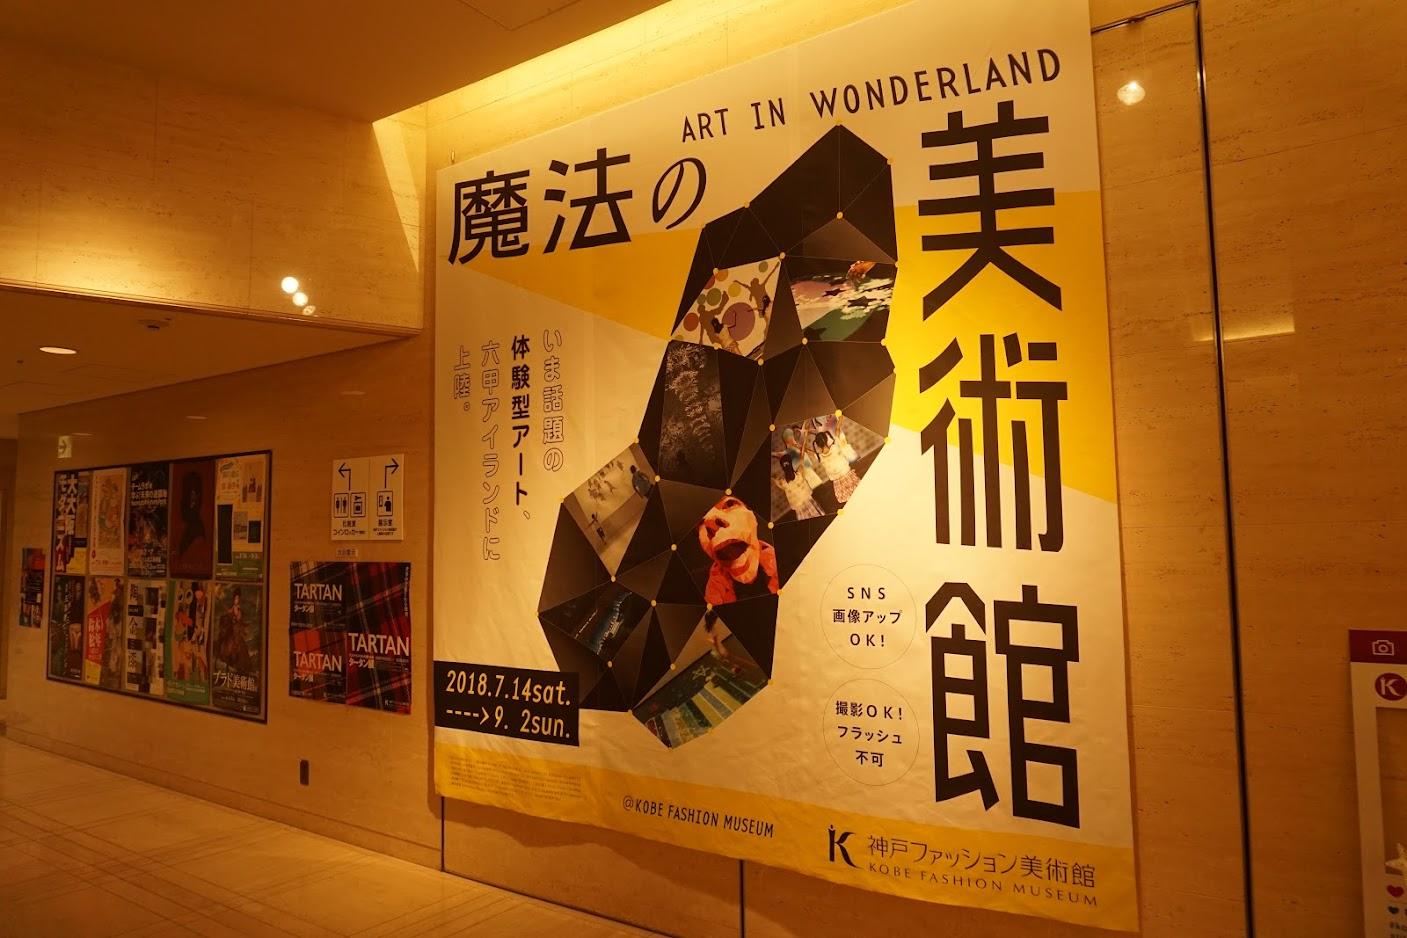 光と遊ぶ超体験型ミュージアム、魔法の美術館へ